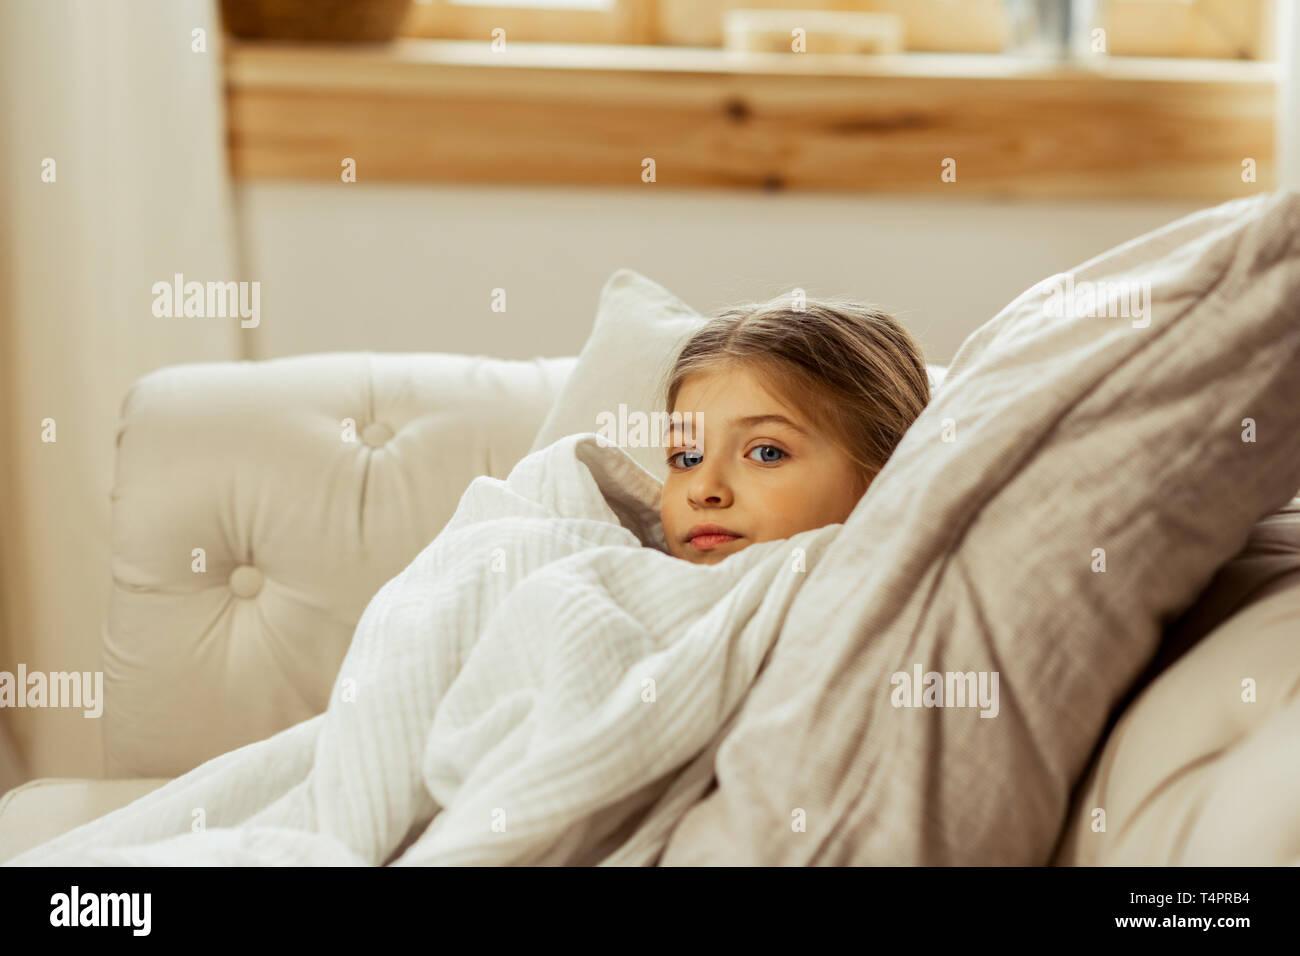 Ein krankes Mädchen im Bett. Kleine süße ziemlich krank braunhaarige Mädchen mit einer Erkältung im Bett lag, eingewickelt in eine warme Decke Stockbild